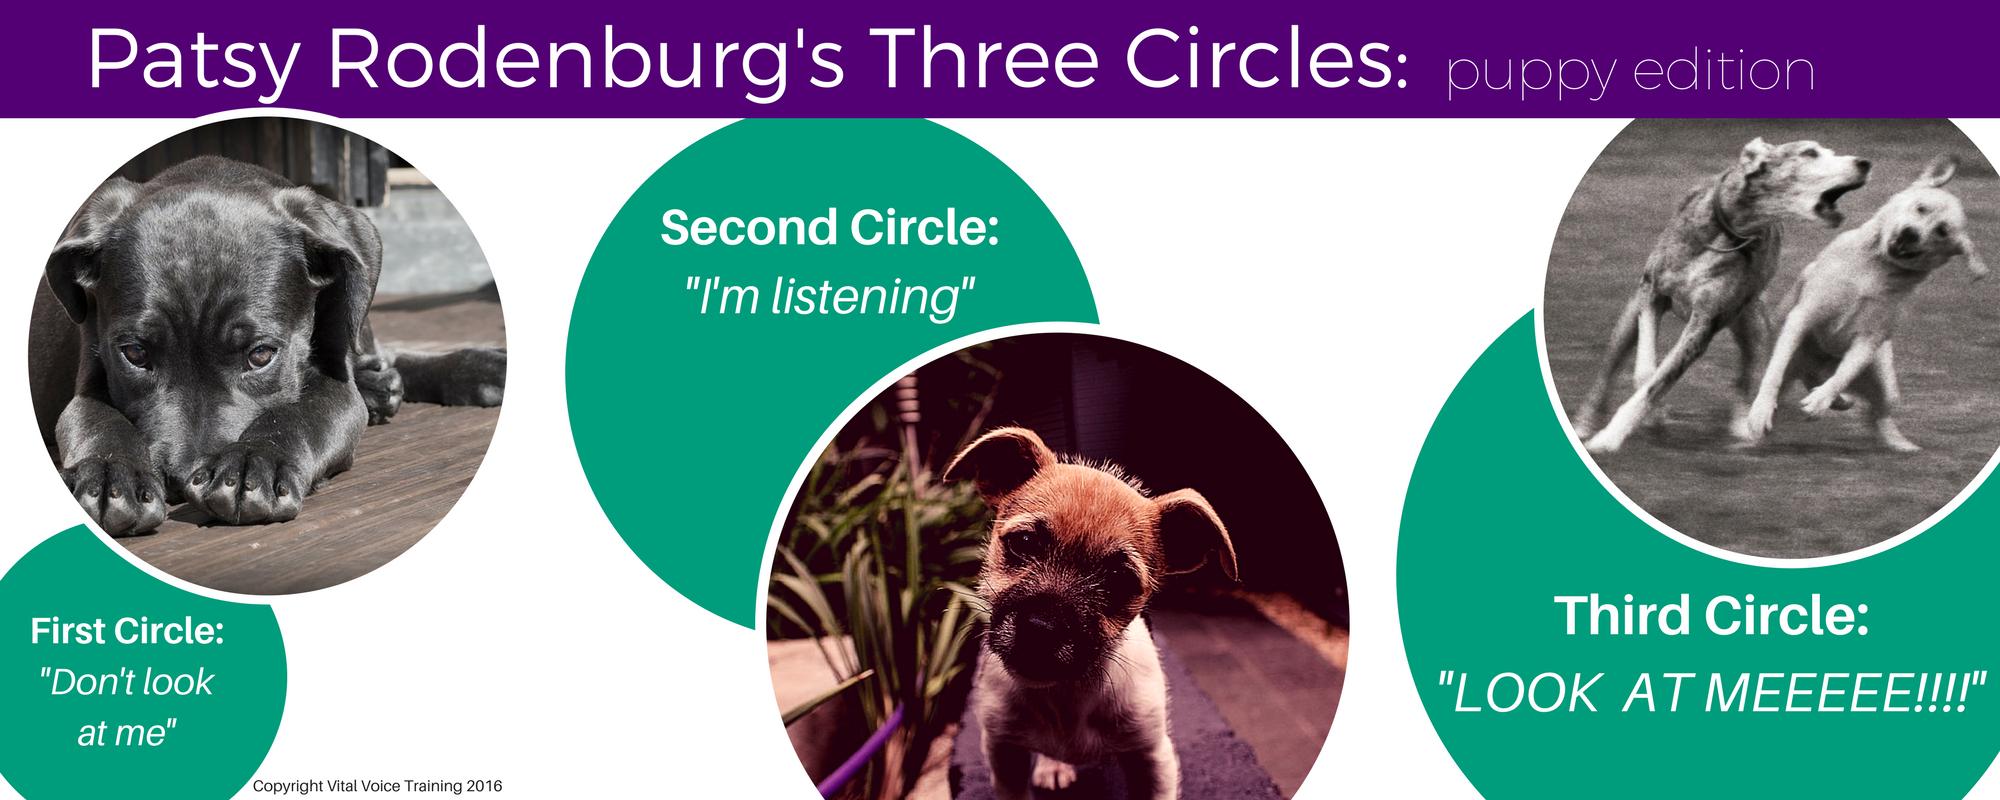 Patsy Rodenburg's Three Circles.png